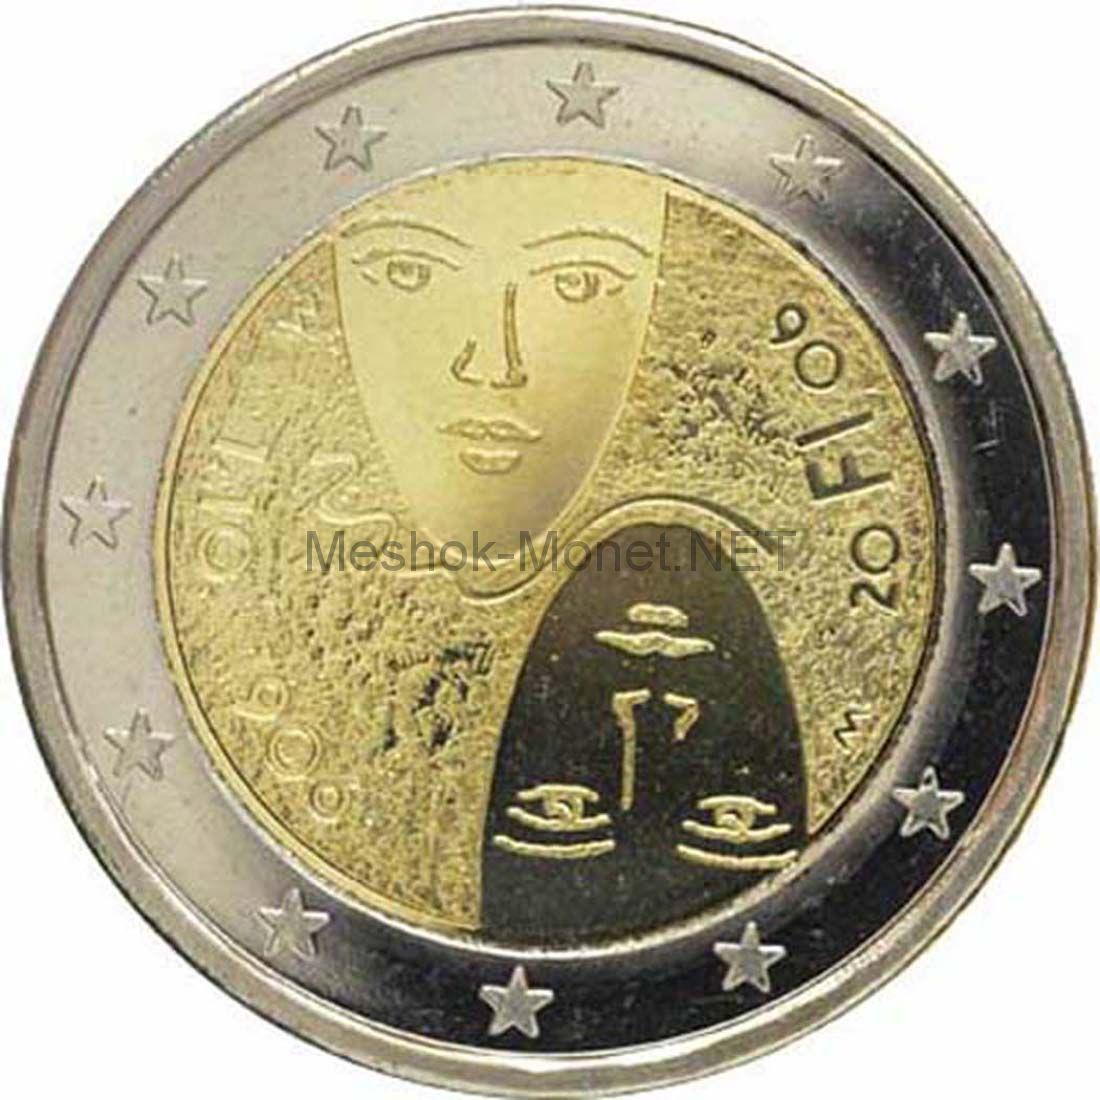 Финляндия 2 евро 2006 Избирательное право